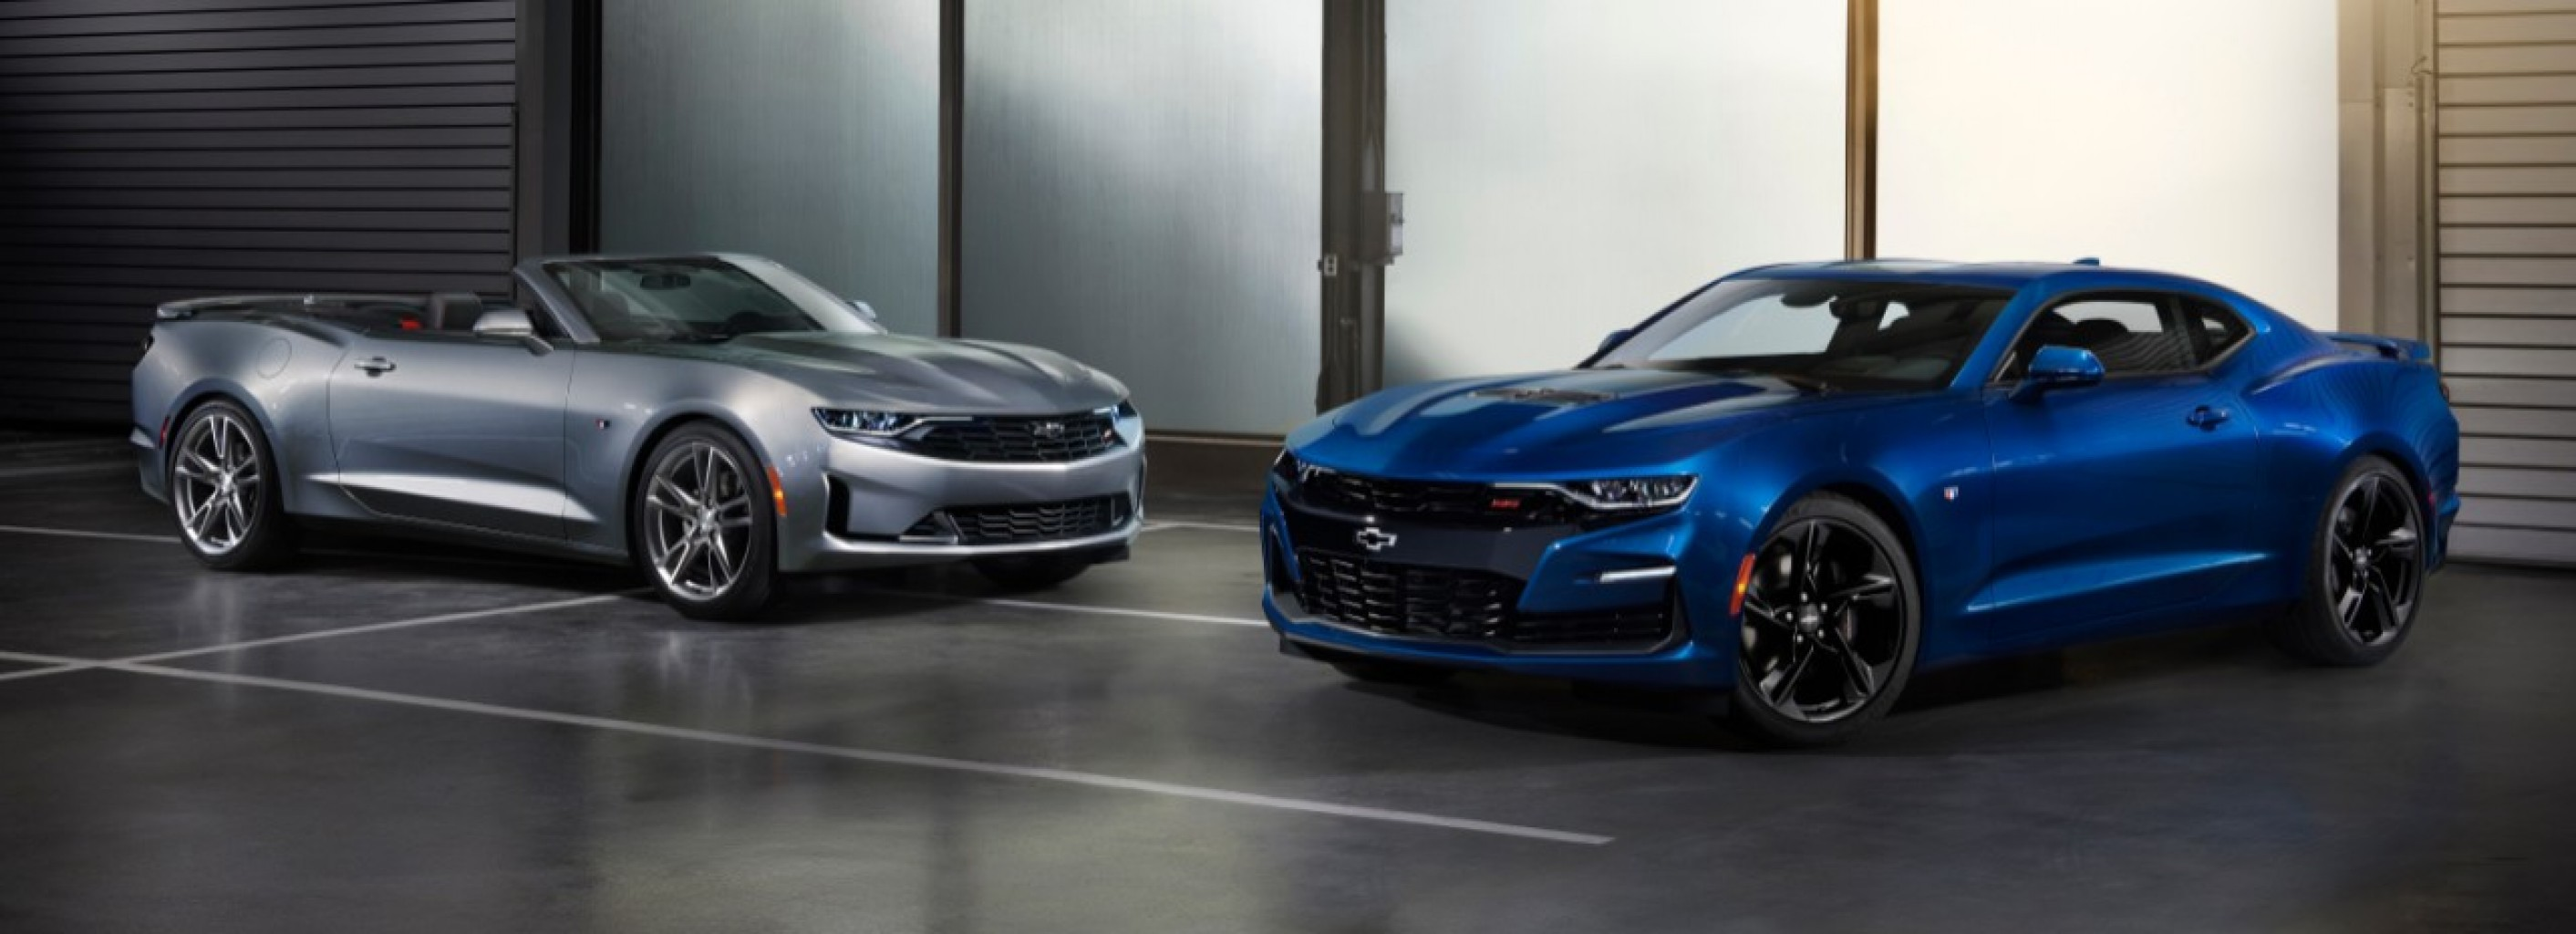 Chevrolet presentó el nuevo Camaro del 2019